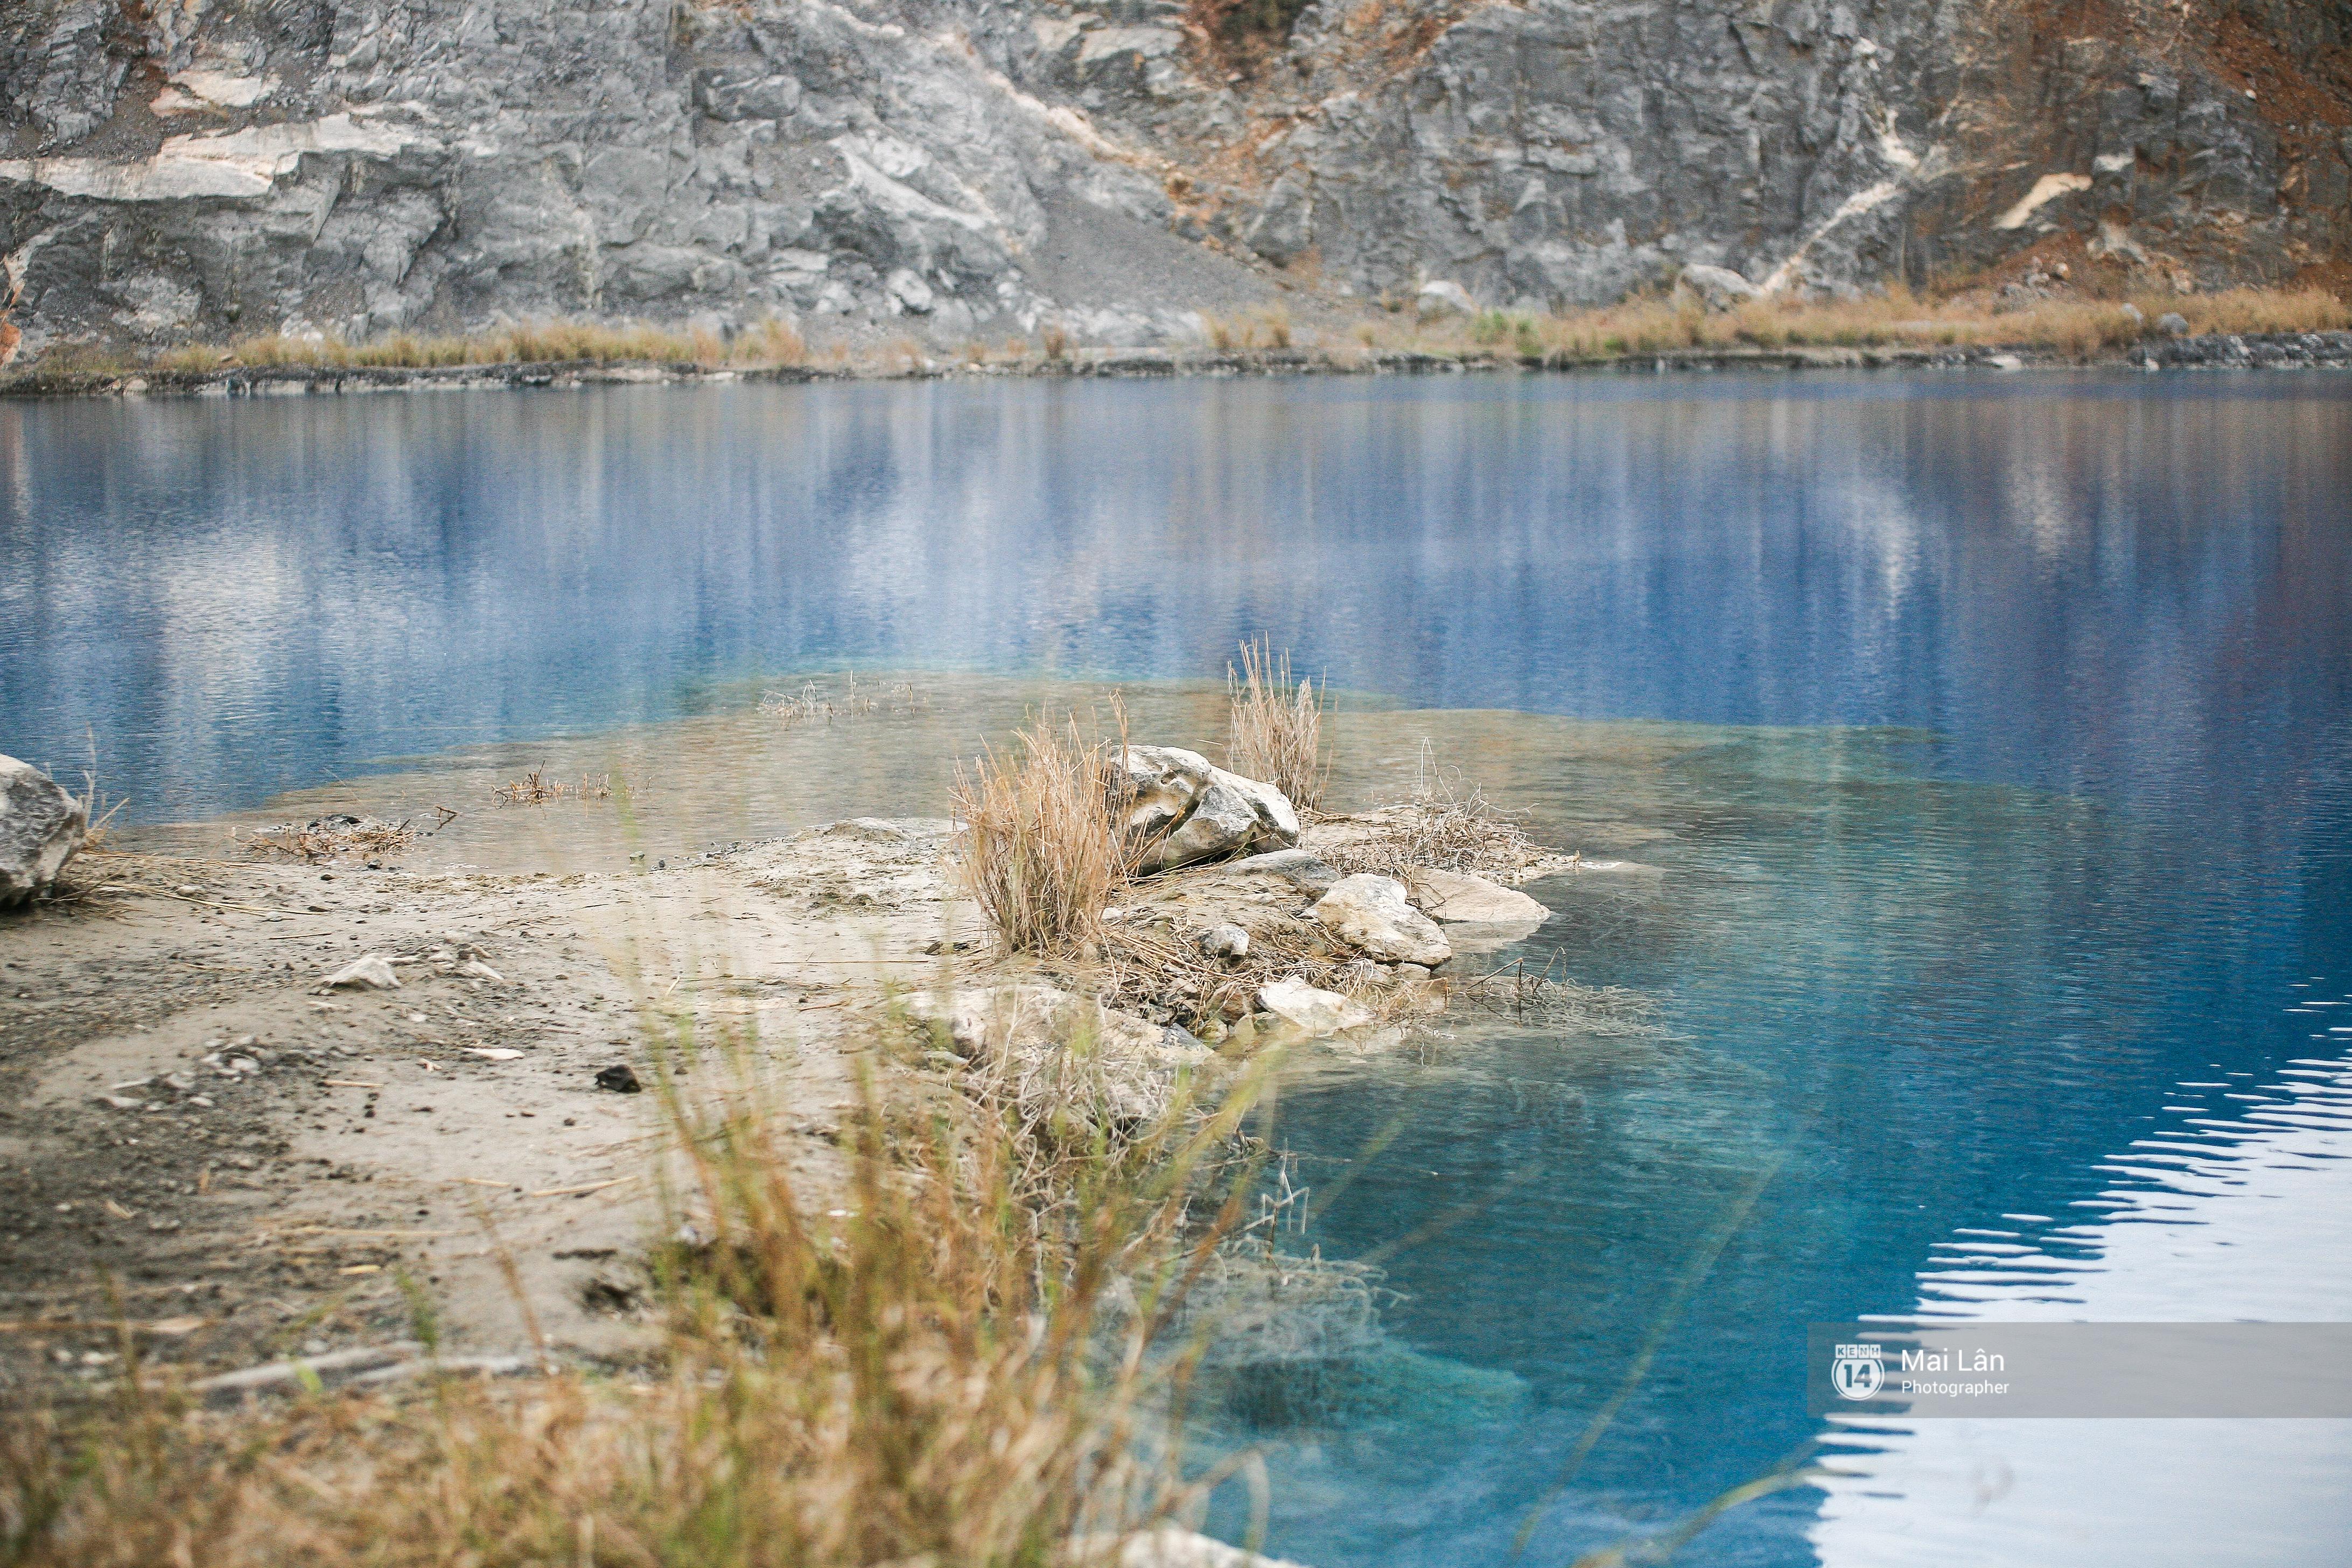 Hồ nước xanh ngắt kì lạ ở Hải Phòng: Địa điểm mới đang khiến giới trẻ xôn xao - Ảnh 6.